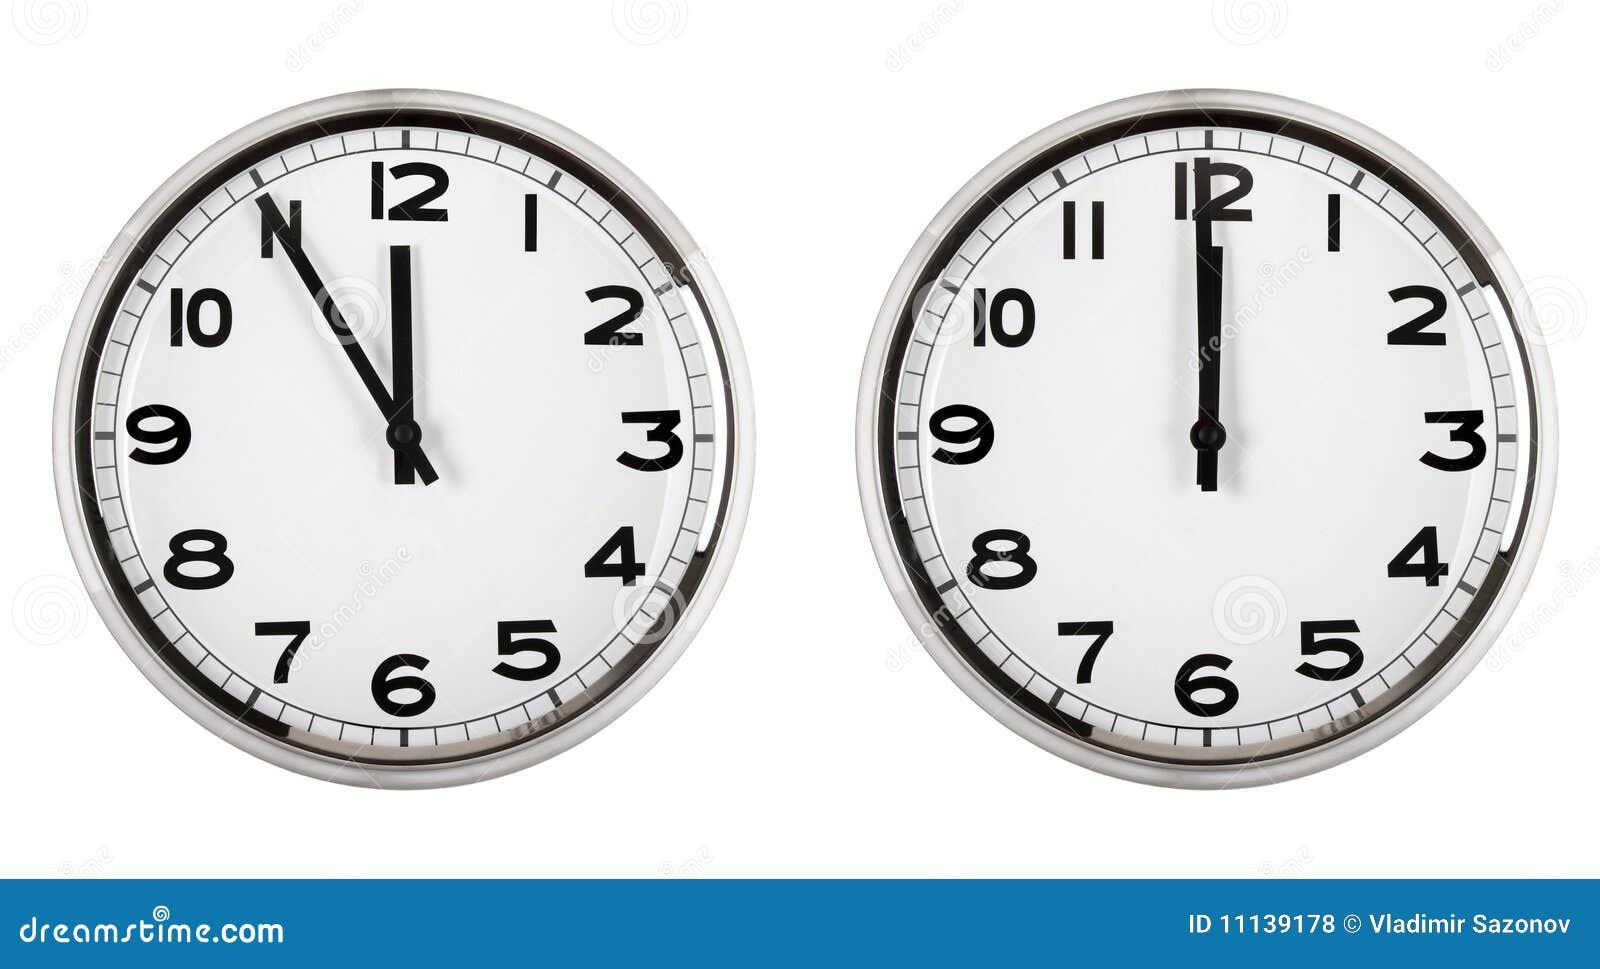 Horloge affichant le temps environ douze. an neuf.